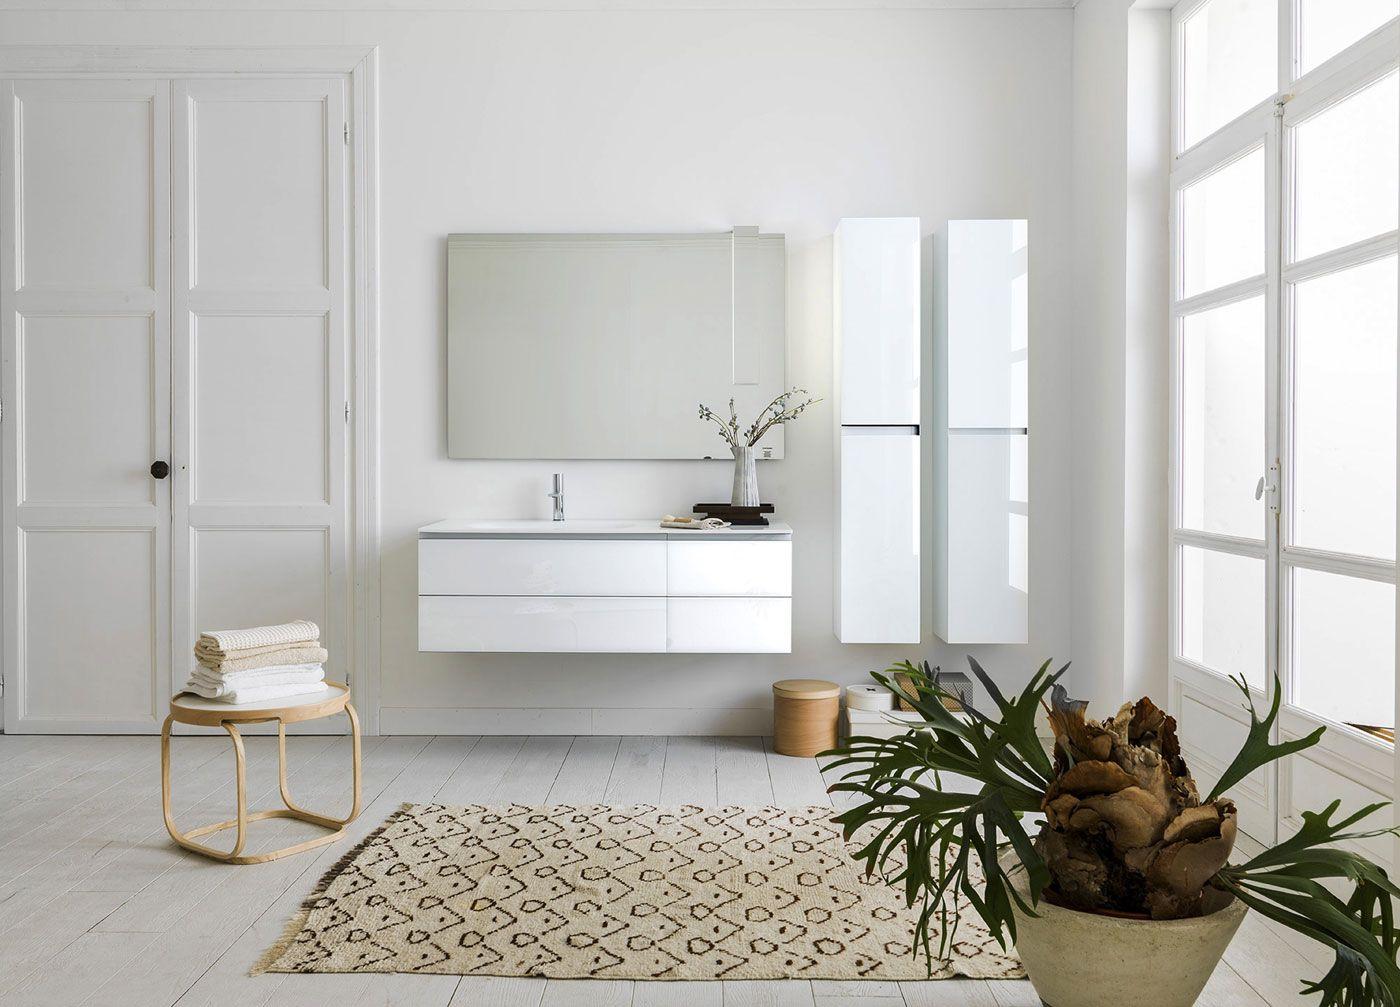 monolite 2.0 - composiciones al 351 - baño, diseño, decoración, Badezimmer ideen